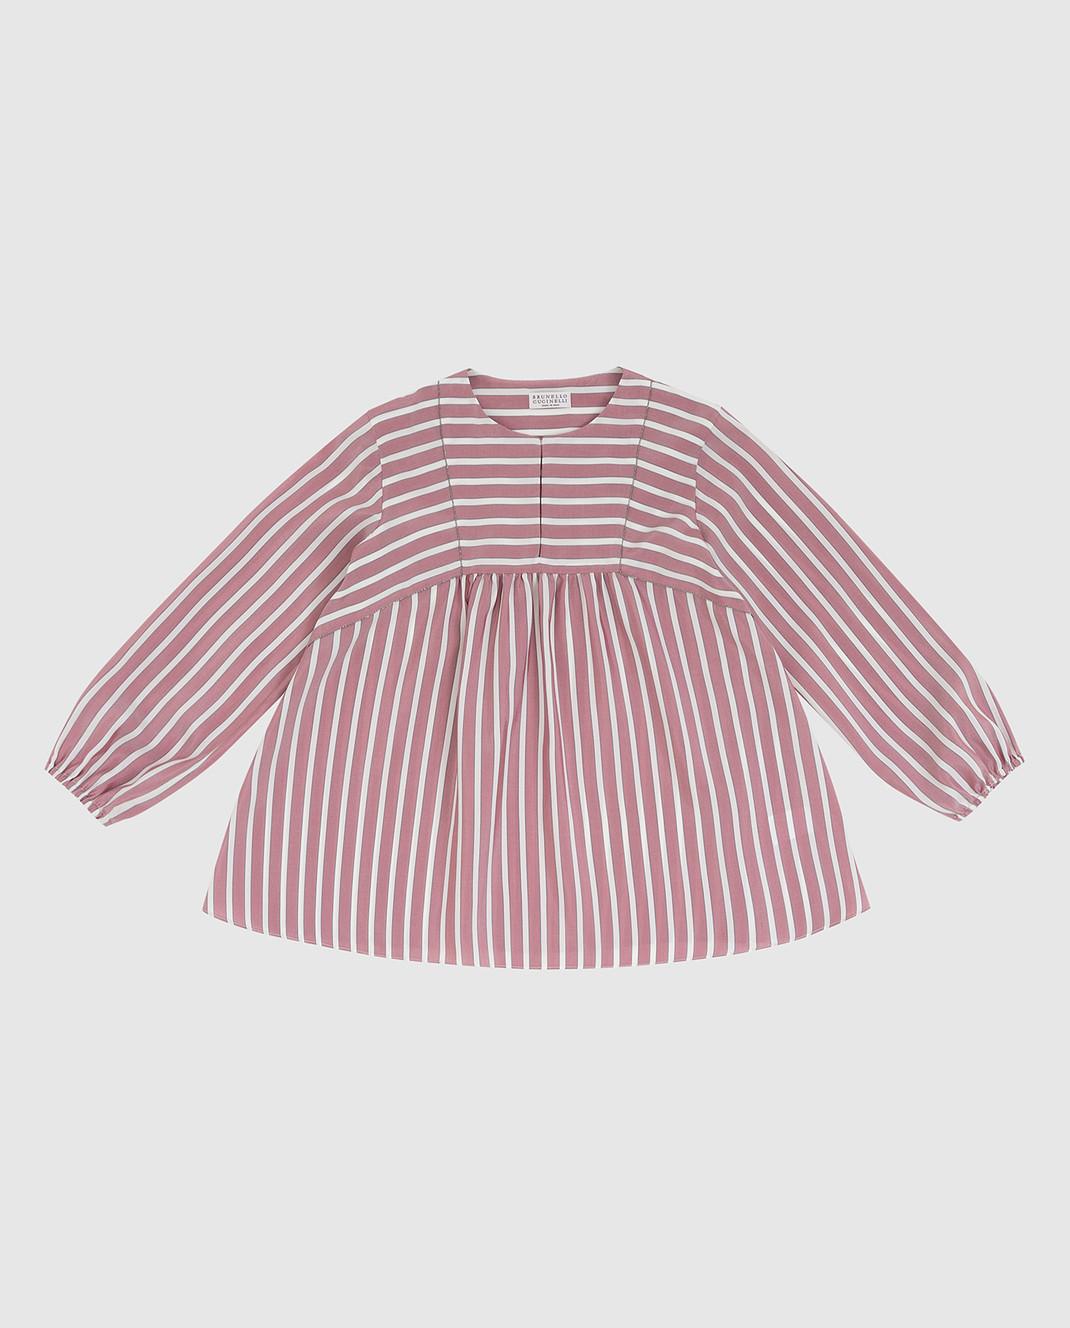 Brunello Cucinelli Детская светло-бордовая блуза из шелка изображение 1